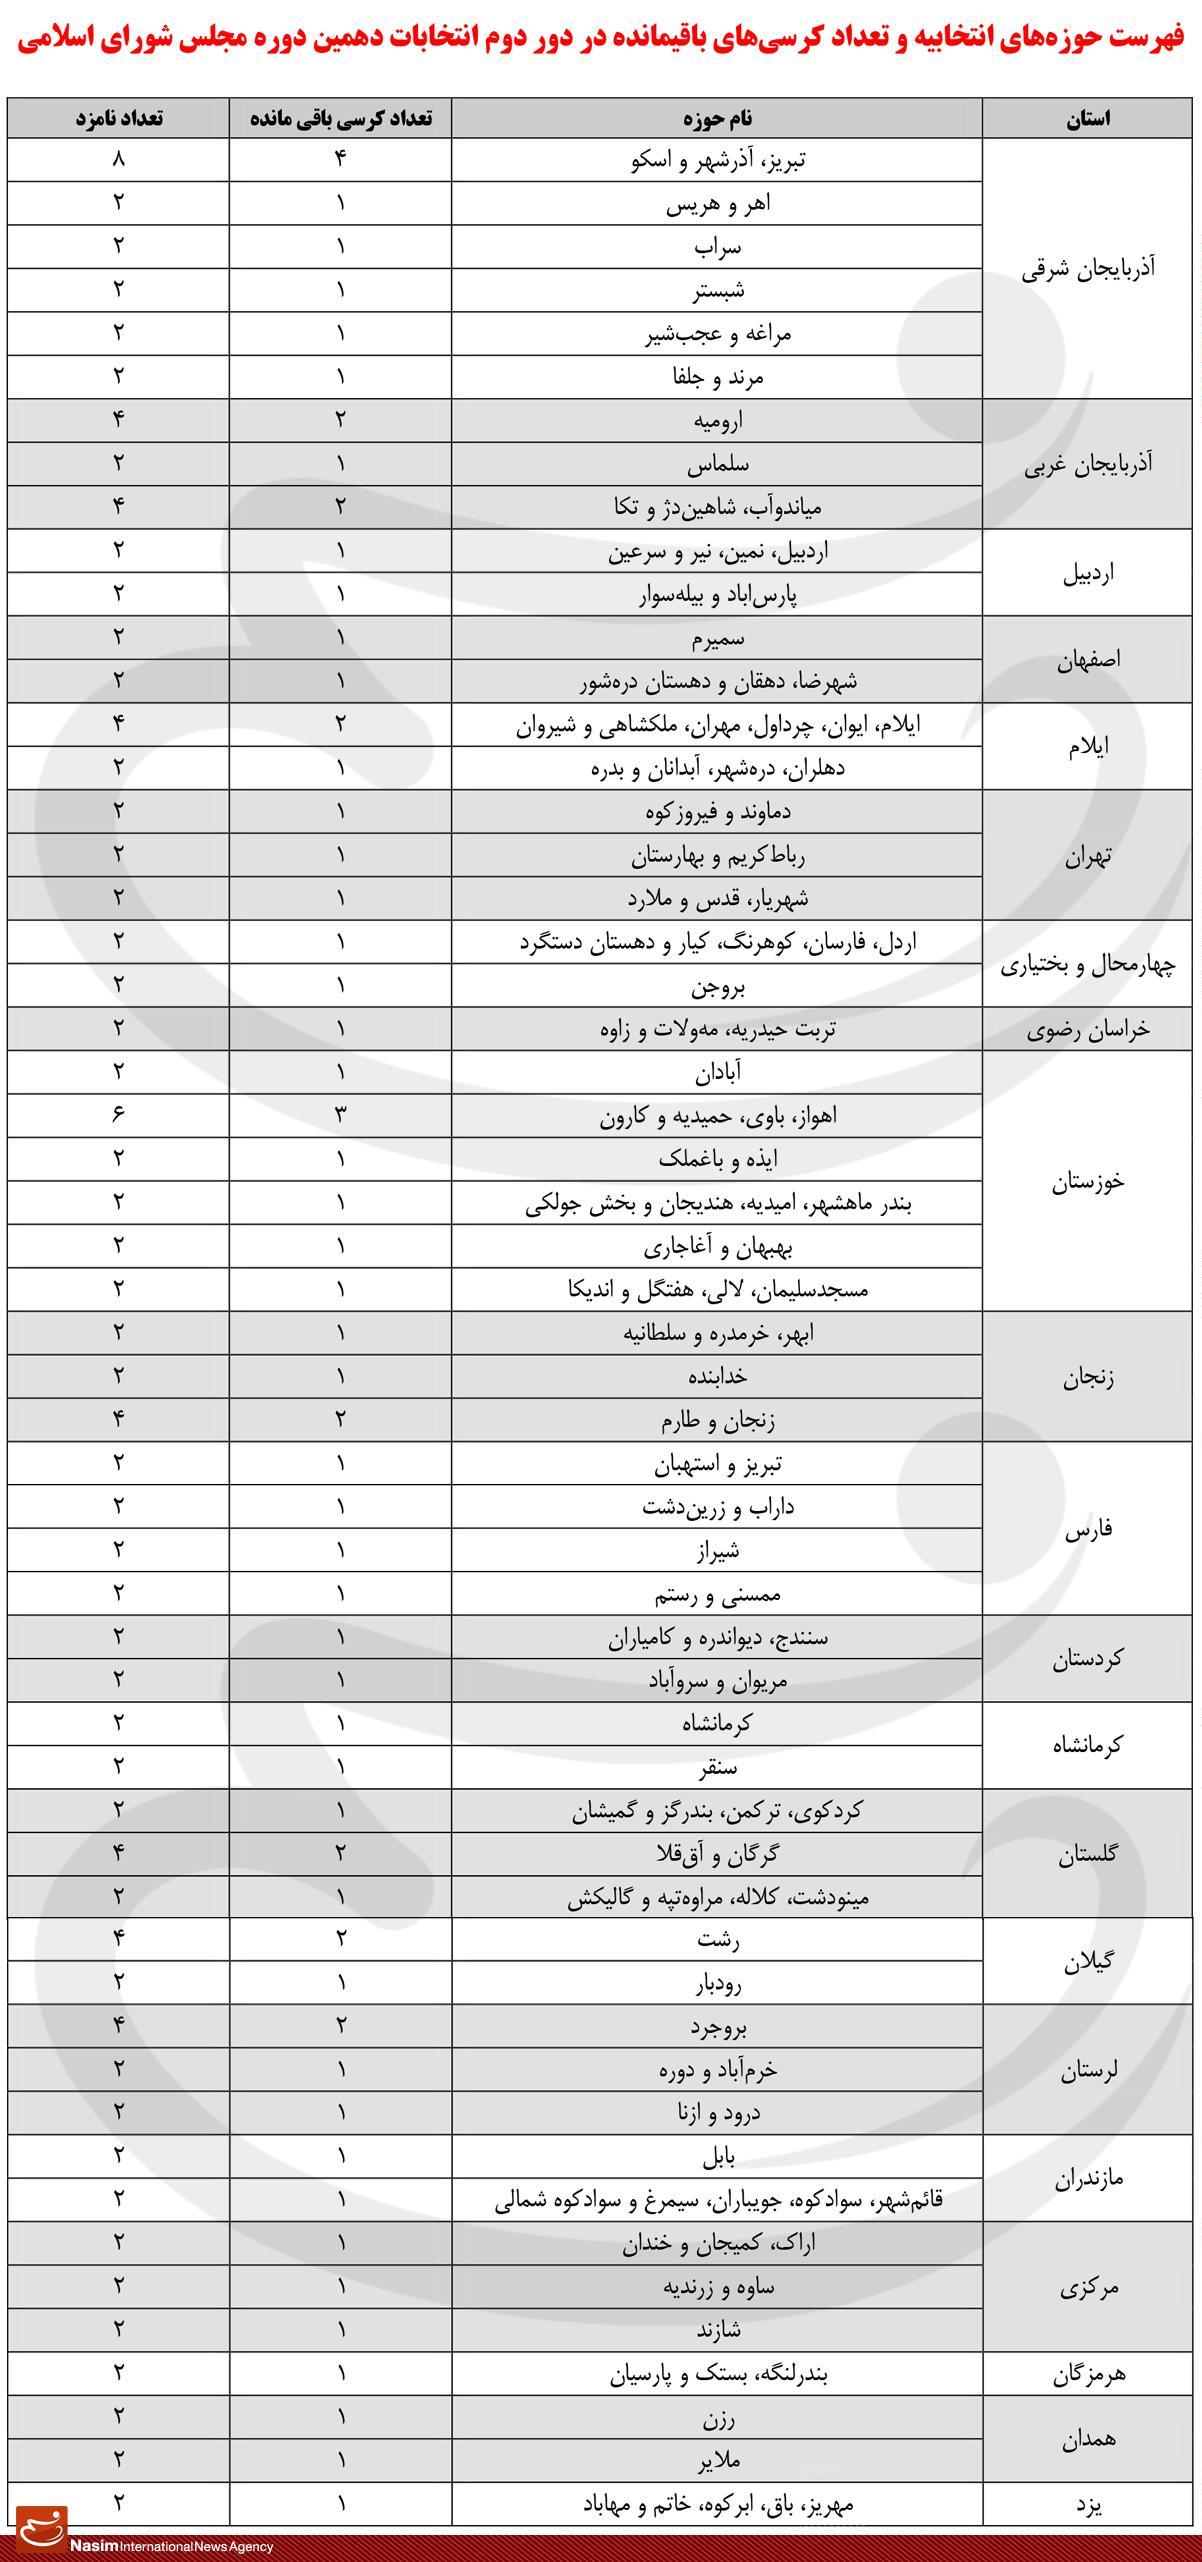 کرسیهای بهارستان در کدام حوزههای انتخابیه تکمیل میشود؟ +جدول